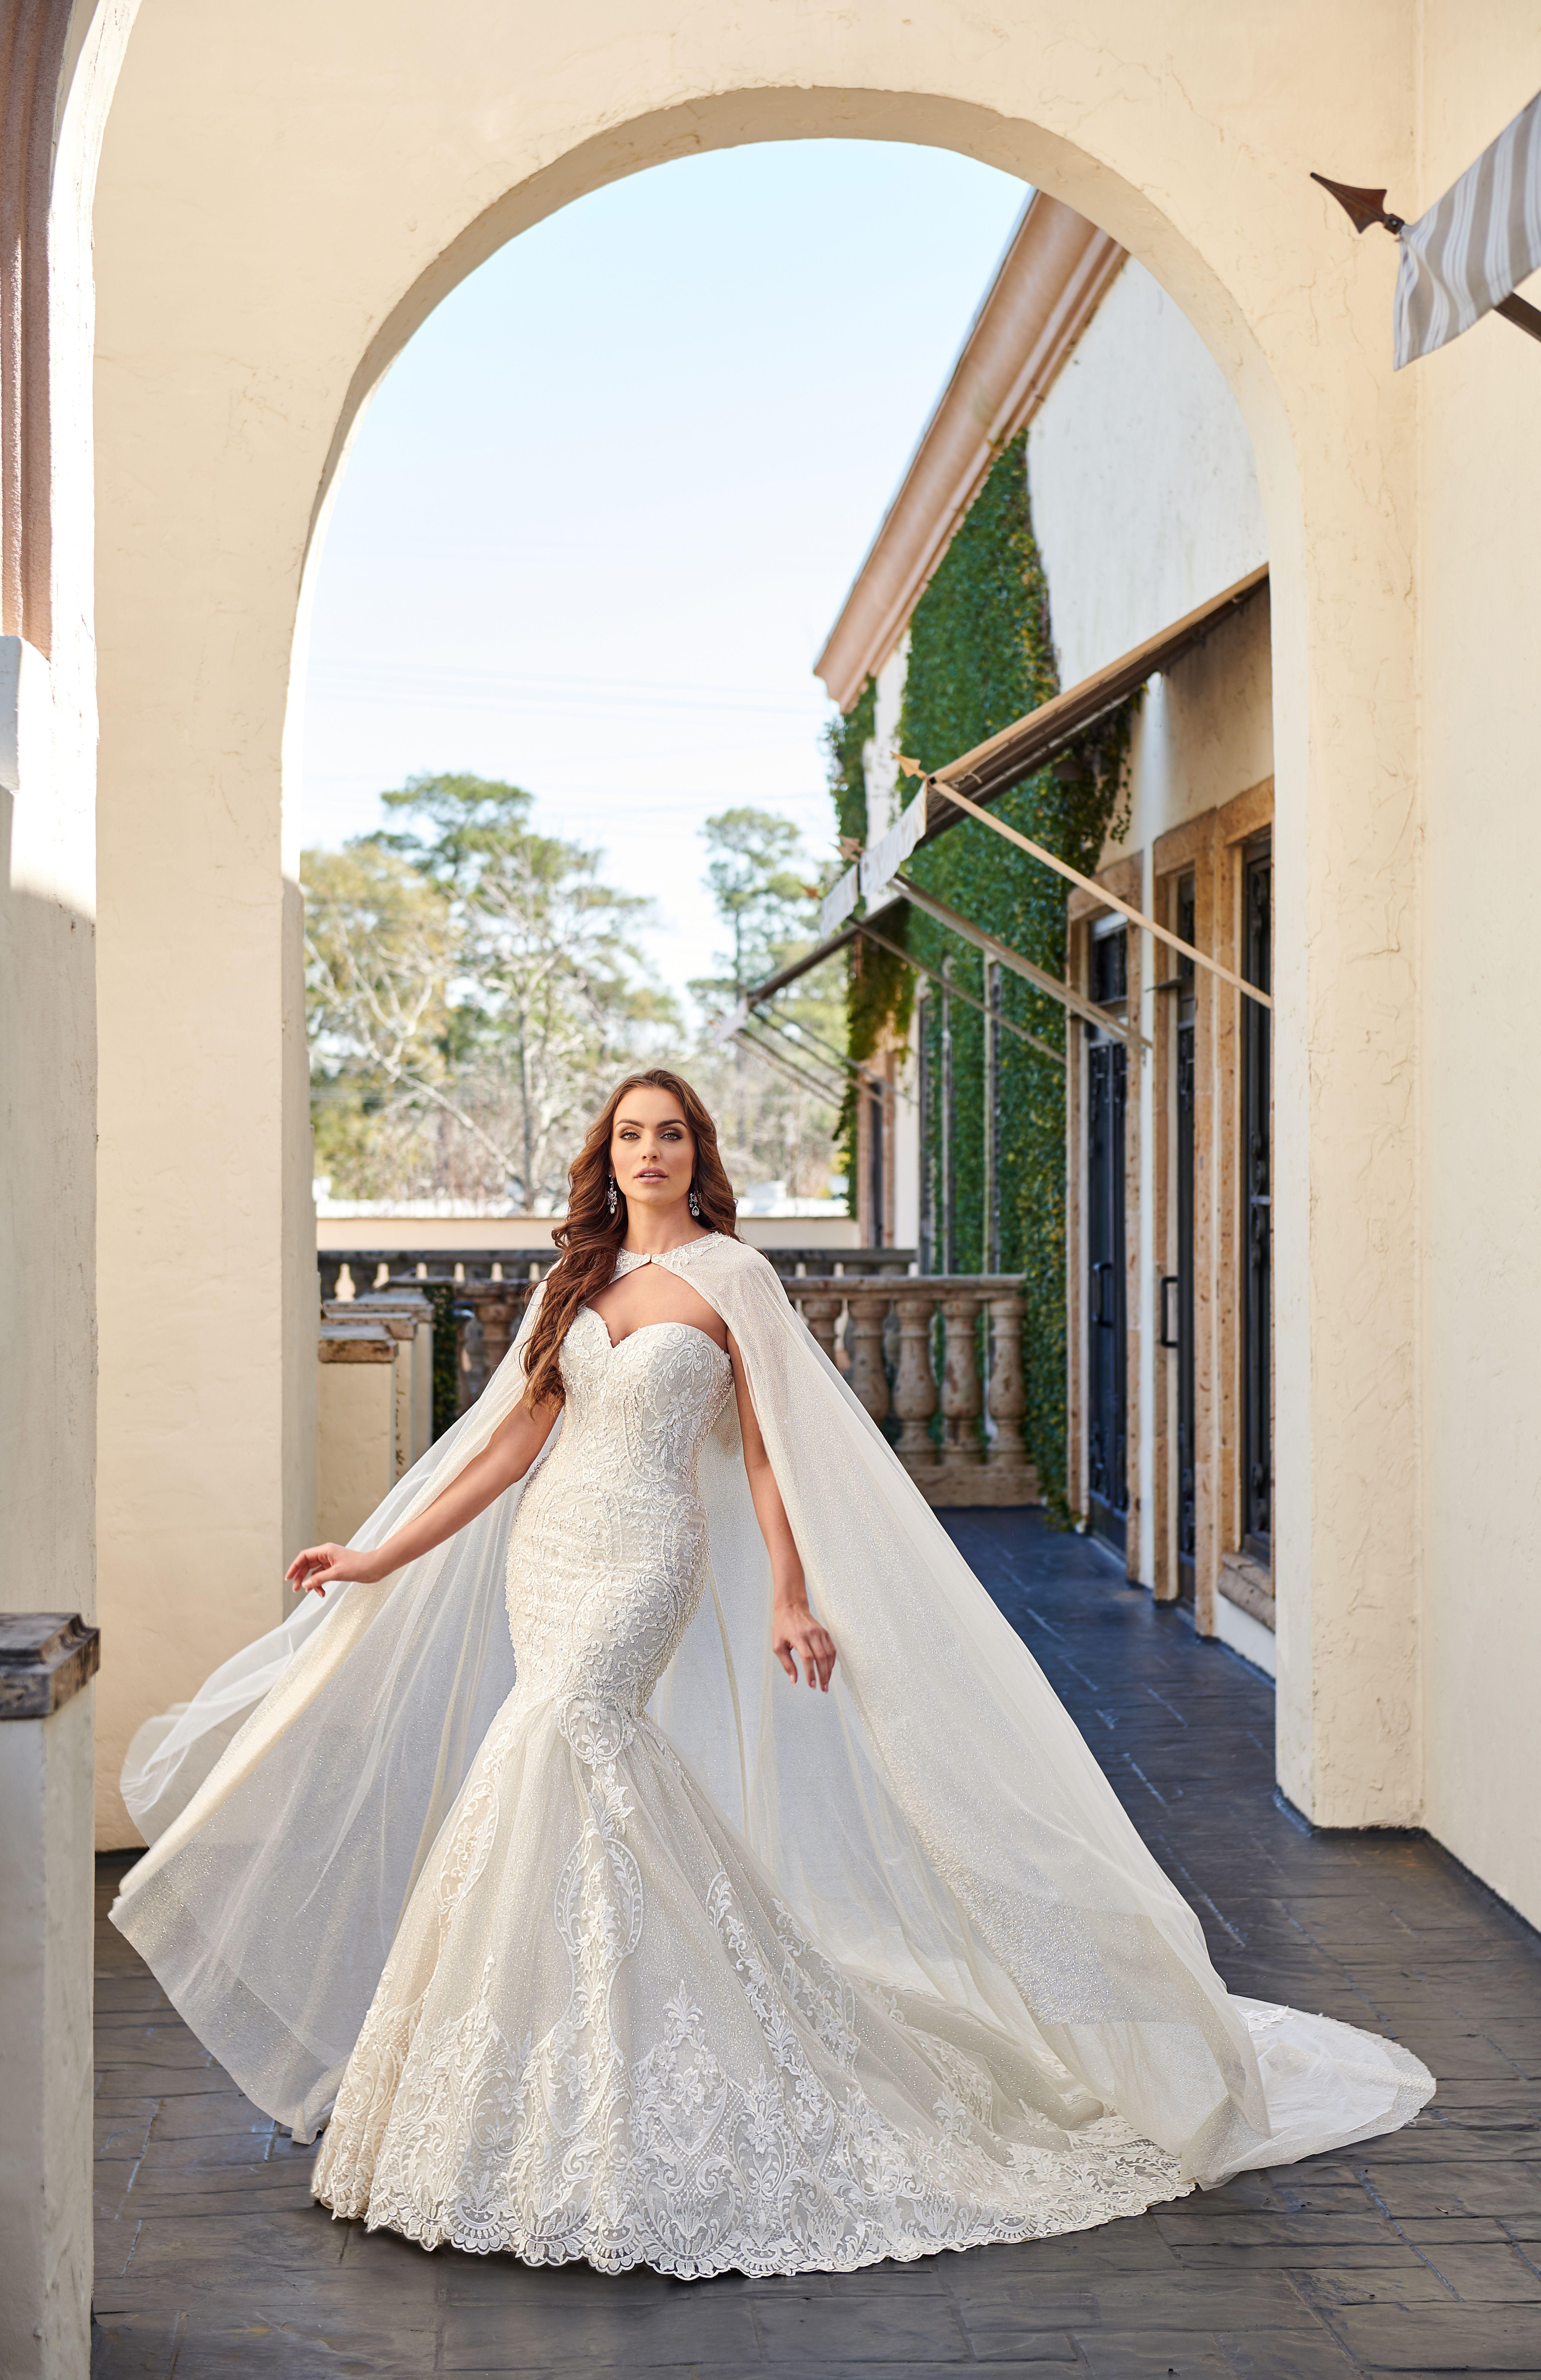 Bridal Gown Wedding Dress Bridal Portraits In 2020 Bridal Dresses Bridal Gowns Bridal